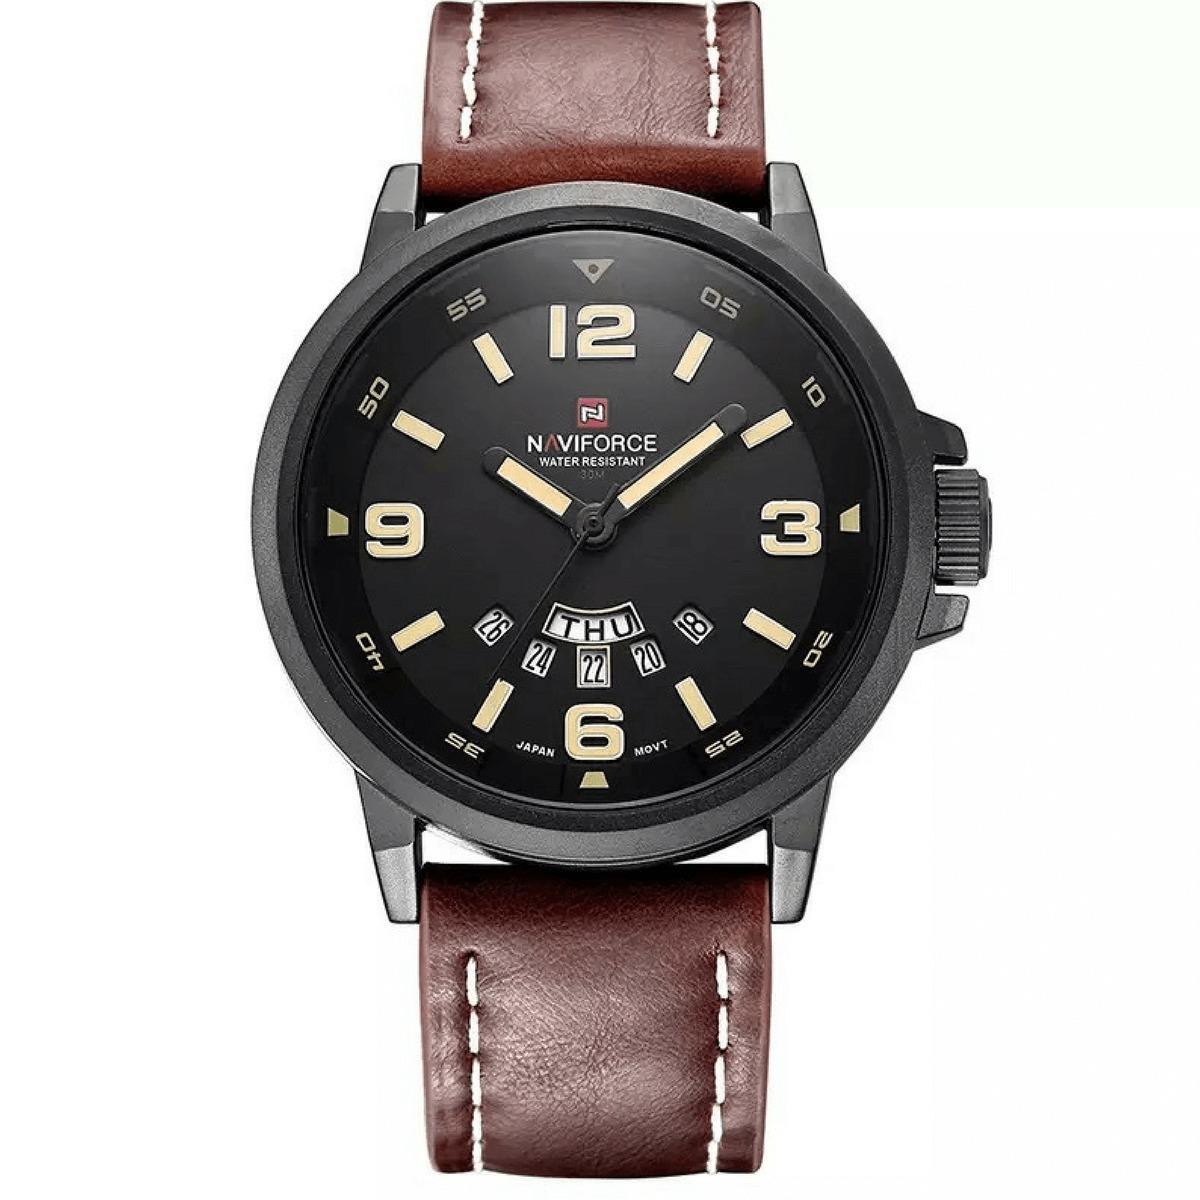 d3dae7a5eb5 relógio masculino naviforce modelo 9028 original em promoção. Carregando  zoom.